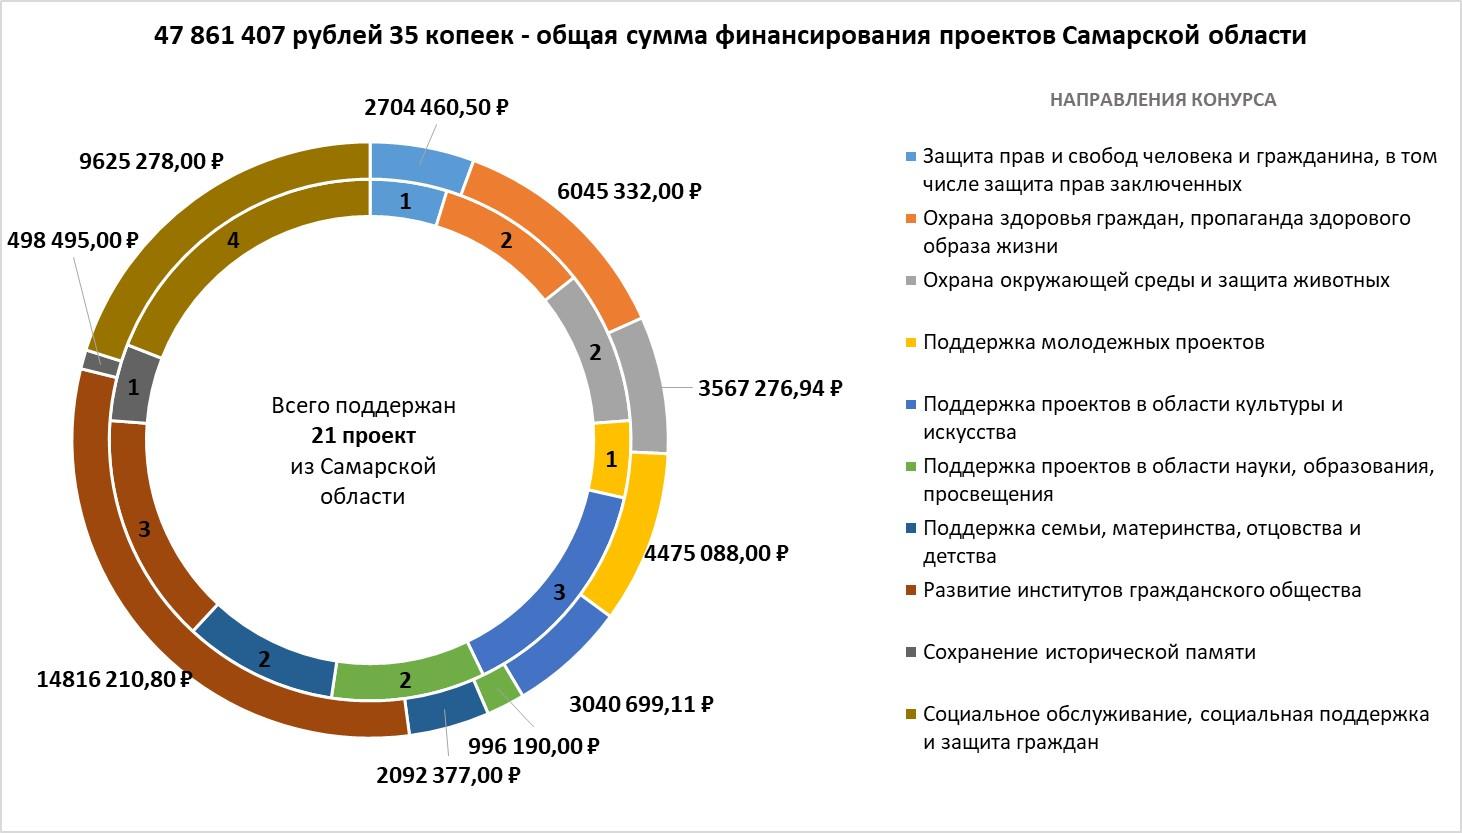 Итоги 1-го конкурса Президентских грантов в Самарской области.